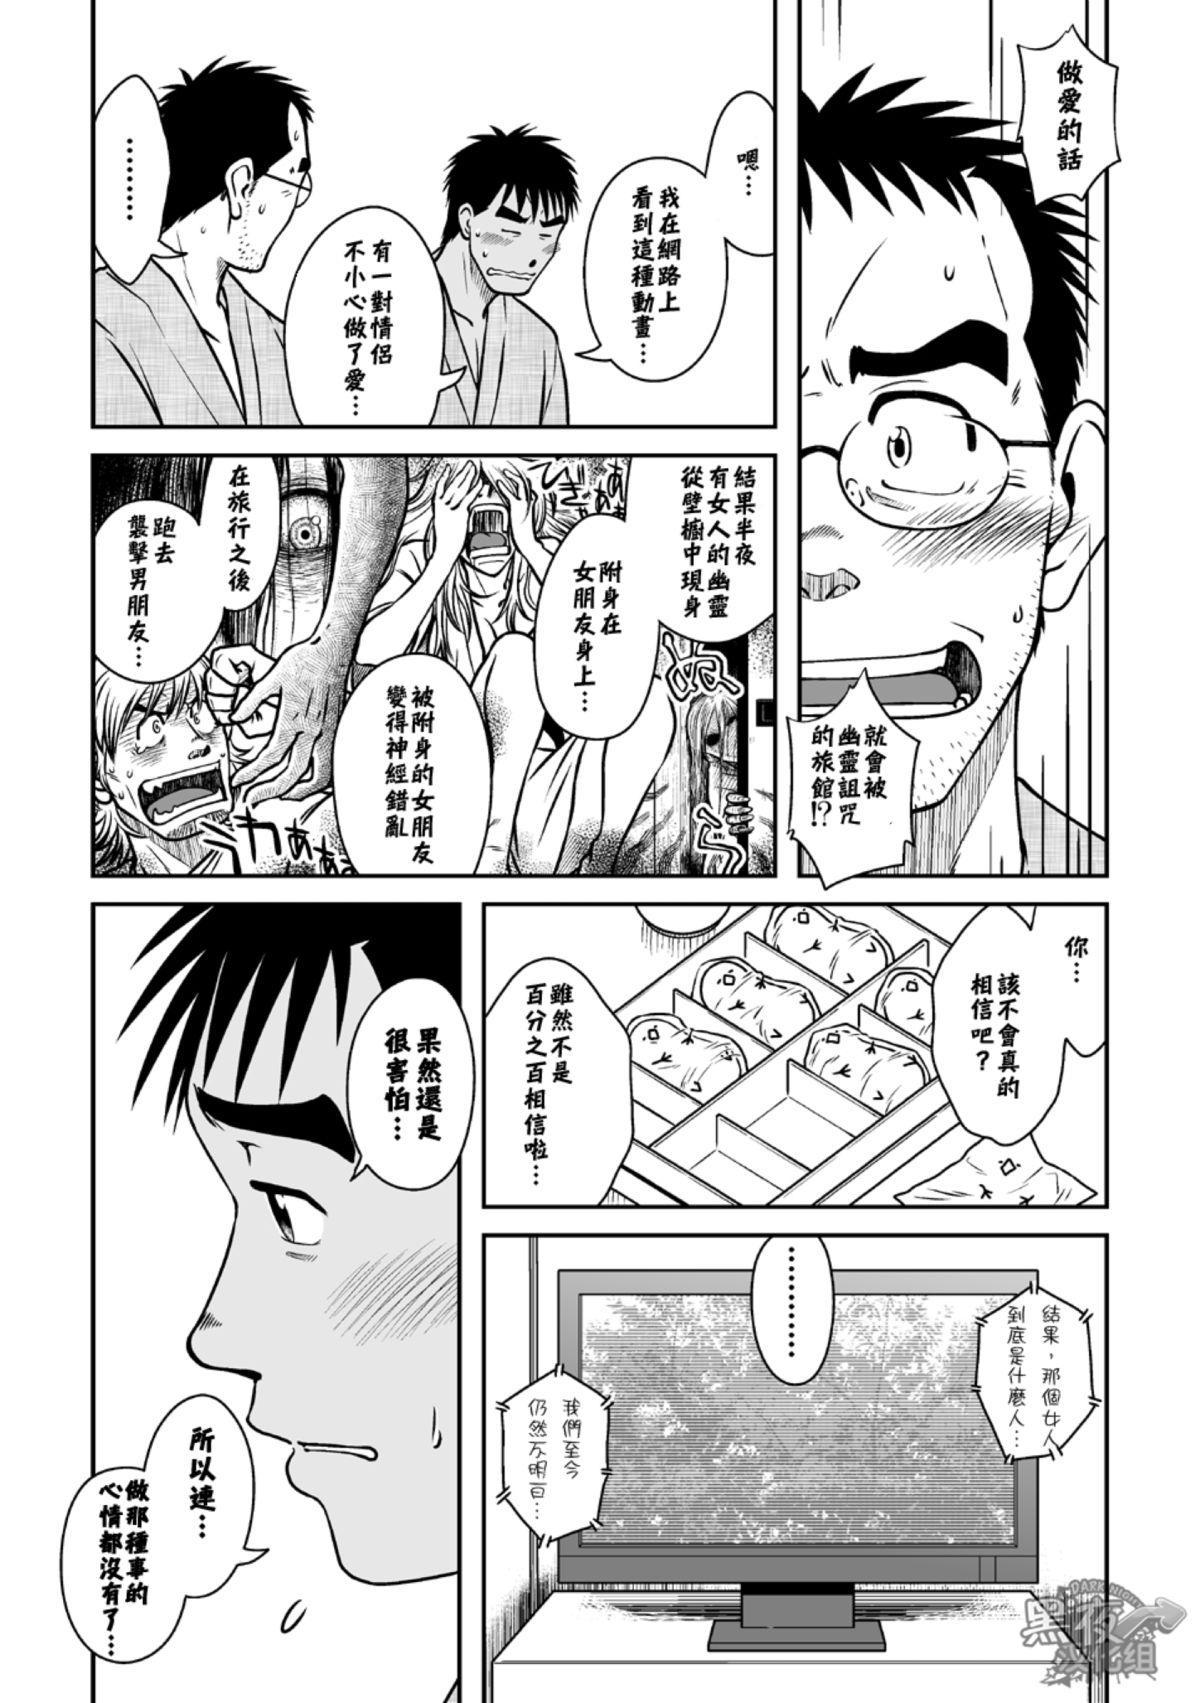 Hatsukoi Shoten 2 - Bururi Kaidan Ryokan | 初戀書店 2 7